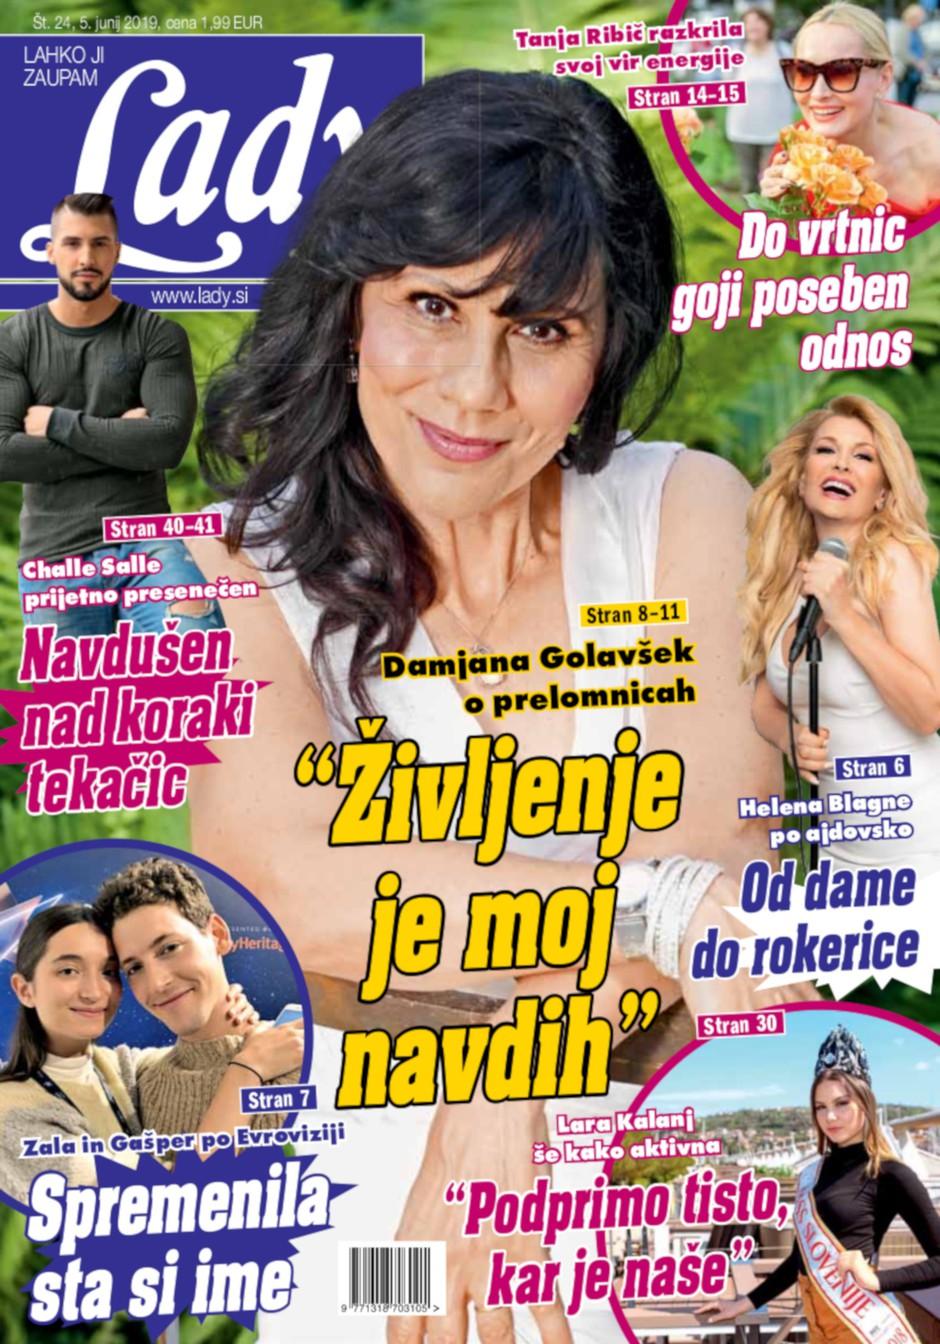 """Damjana Golavšek o prelomnicah: """"Življenje je moj navdih."""" (foto: Lady)"""